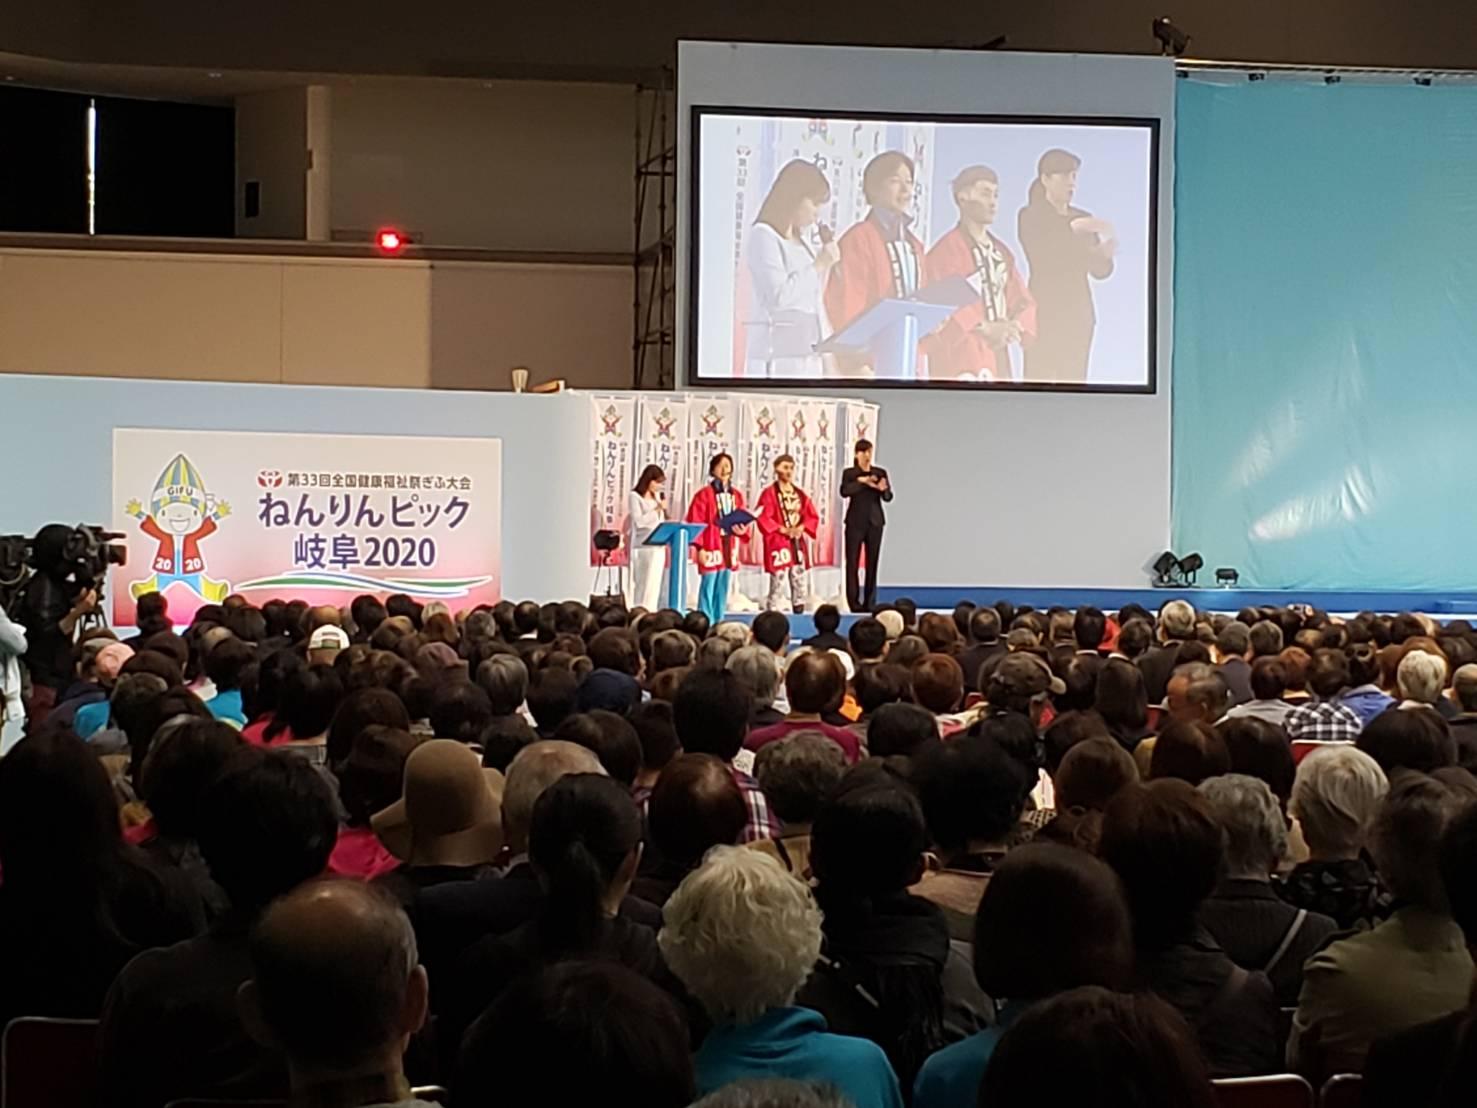 ねん りん ピック 岐阜 2020